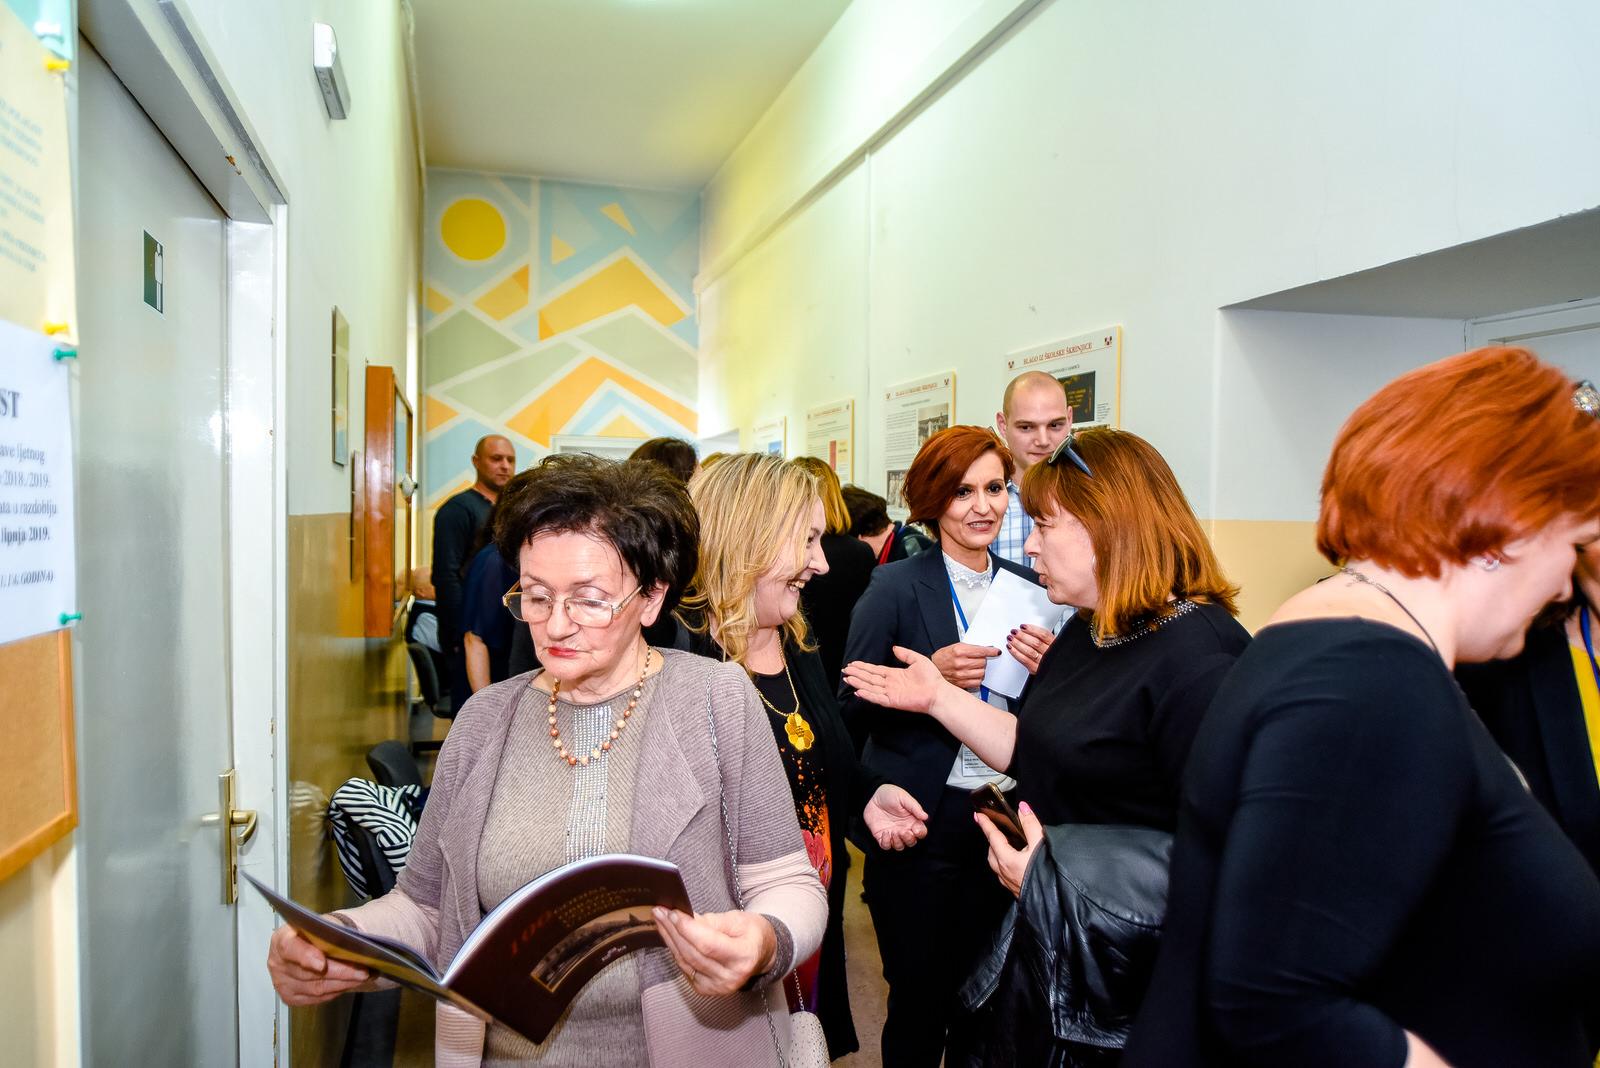 likaclub_gospić_100-godina-obrazovanja-učitelja-u-gospiću_2019-25